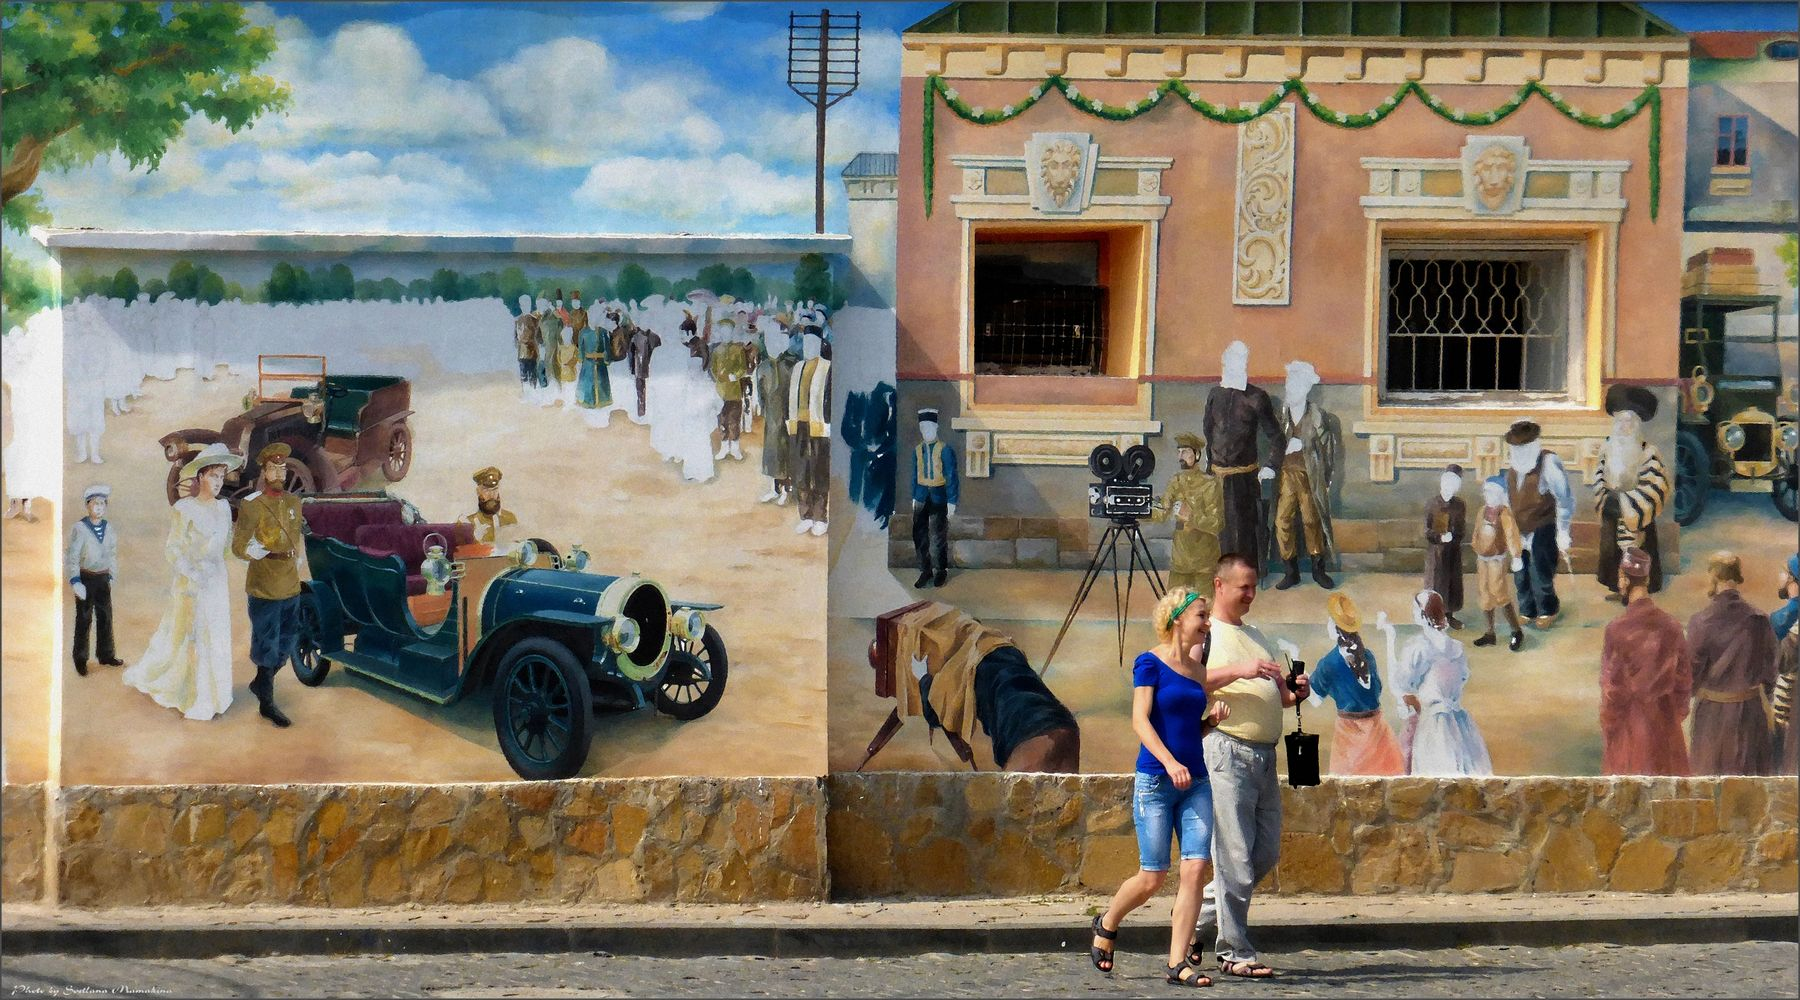 *Городская настенная живопись. Выходные* фотография путешествие Крым жанр улица Фото.Сайт Светлана Мамакина Lihgra Adventure